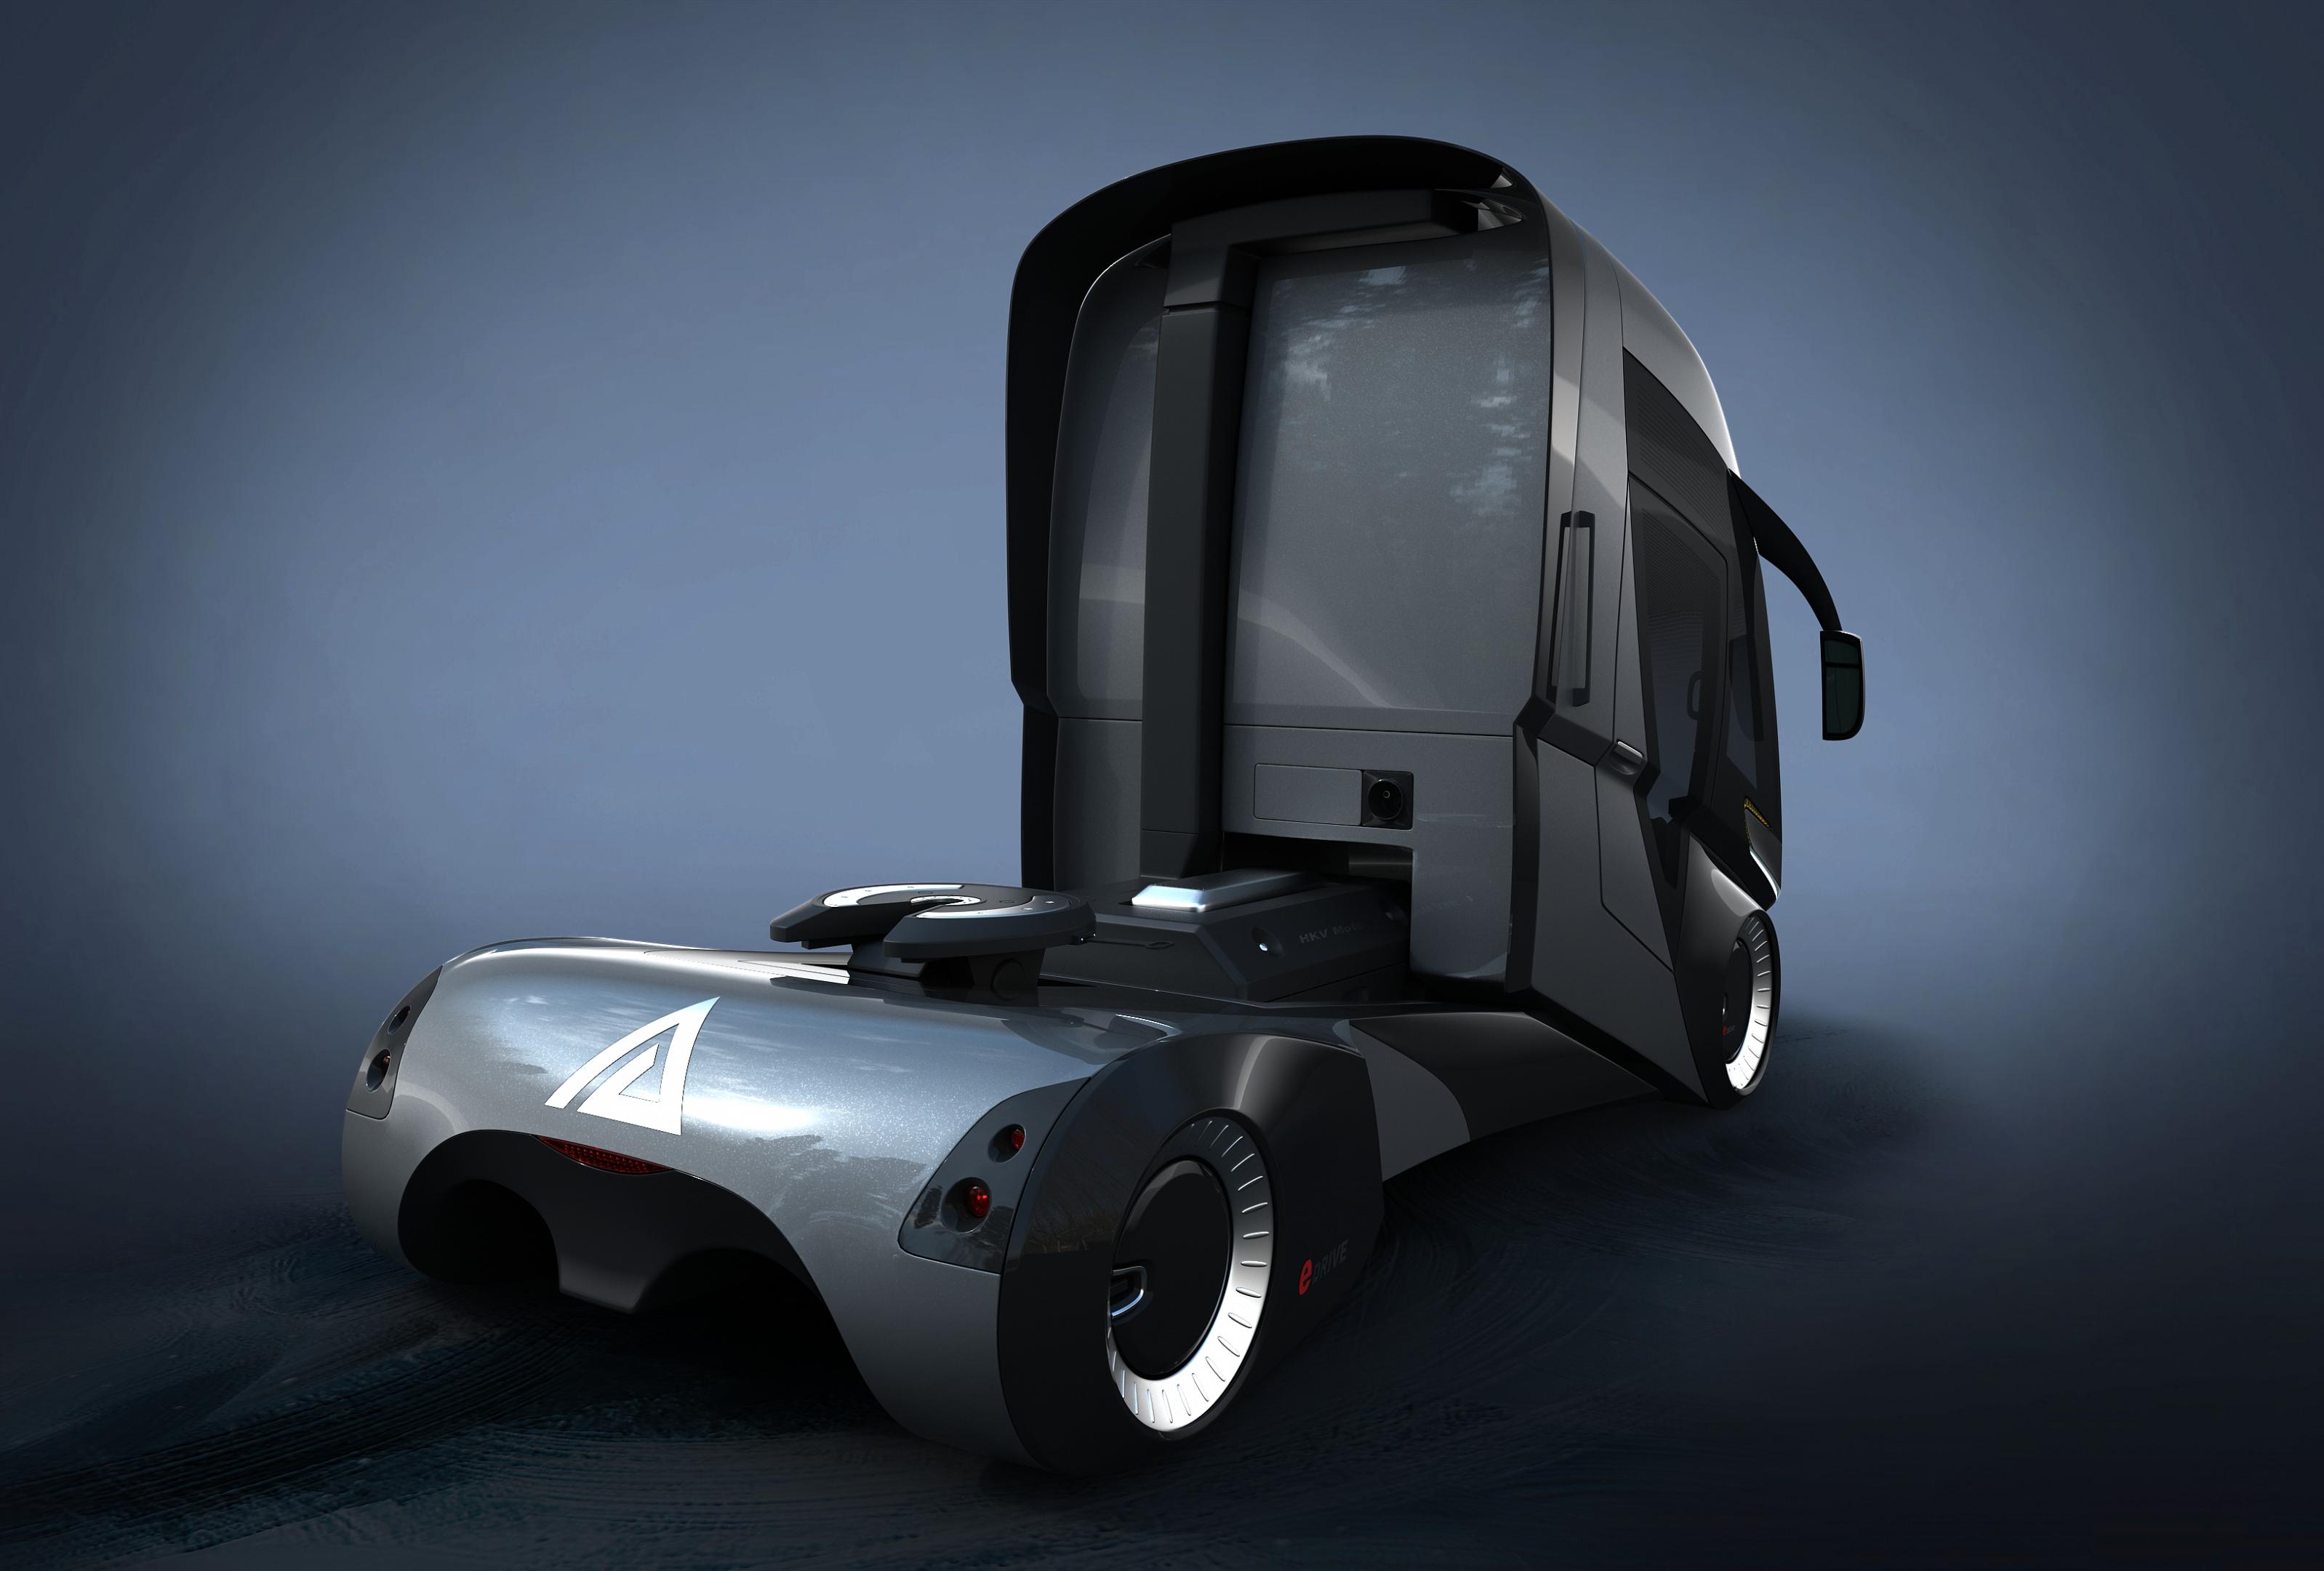 HKV Truck in 3d max vray 3.0 image